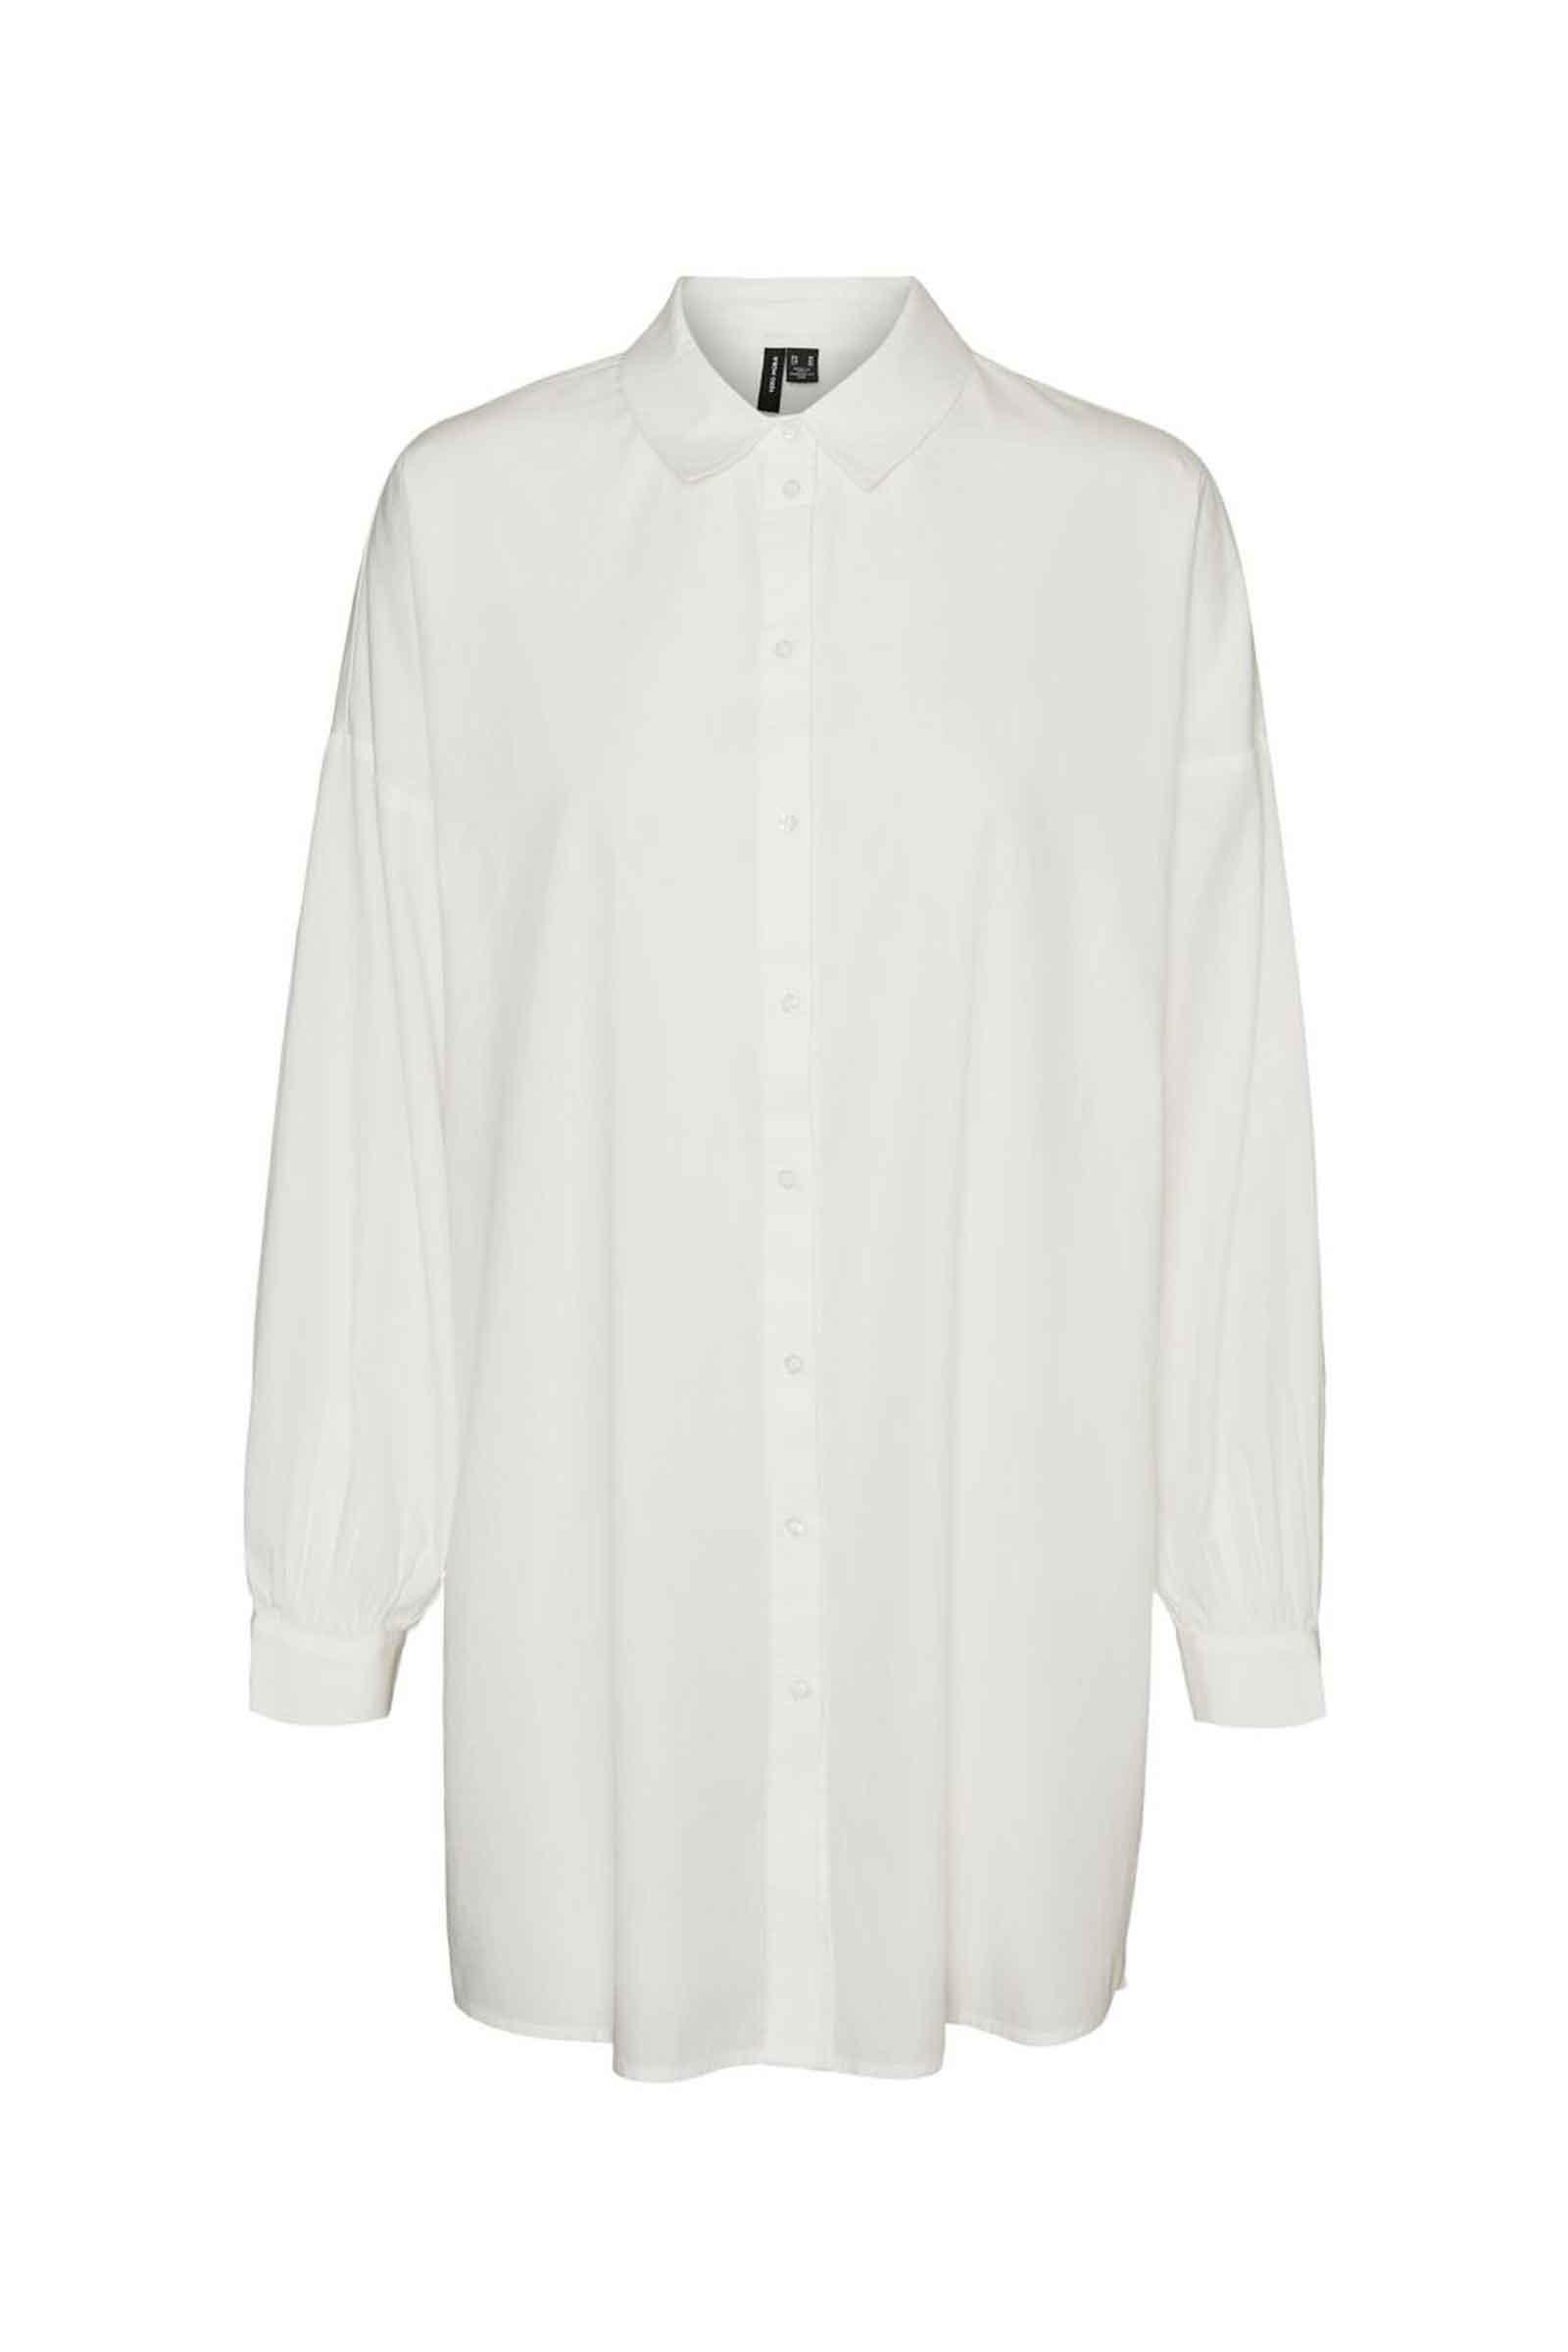 Camicia Donna VERO MODA   Camicia   10250576Snow White